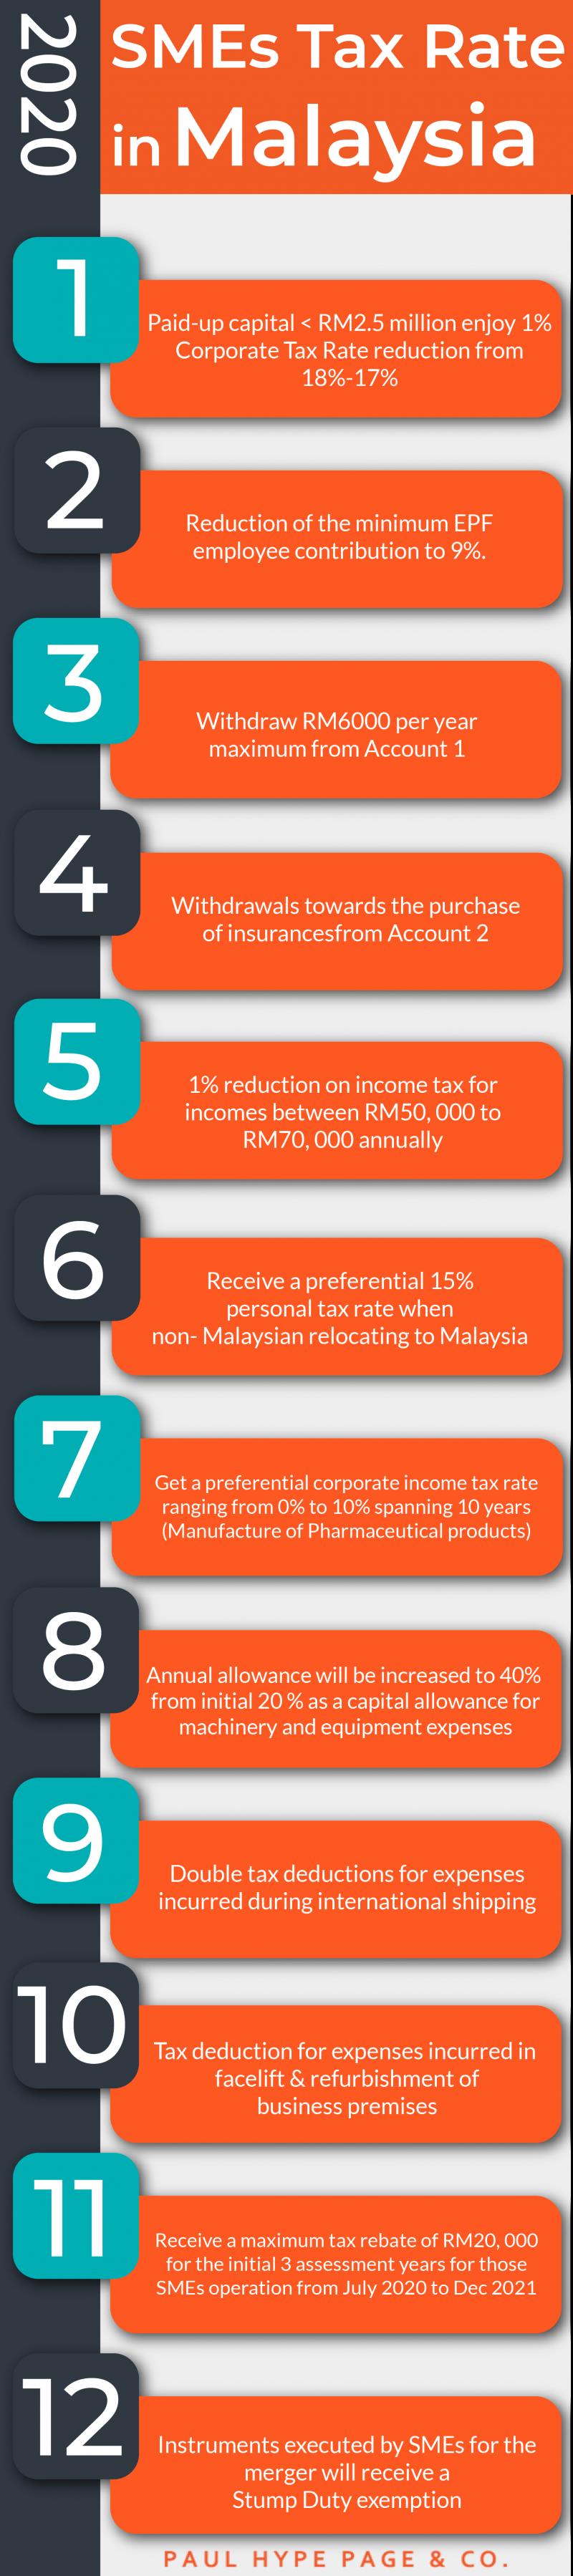 2021 SME Tax Rate in Malaysia